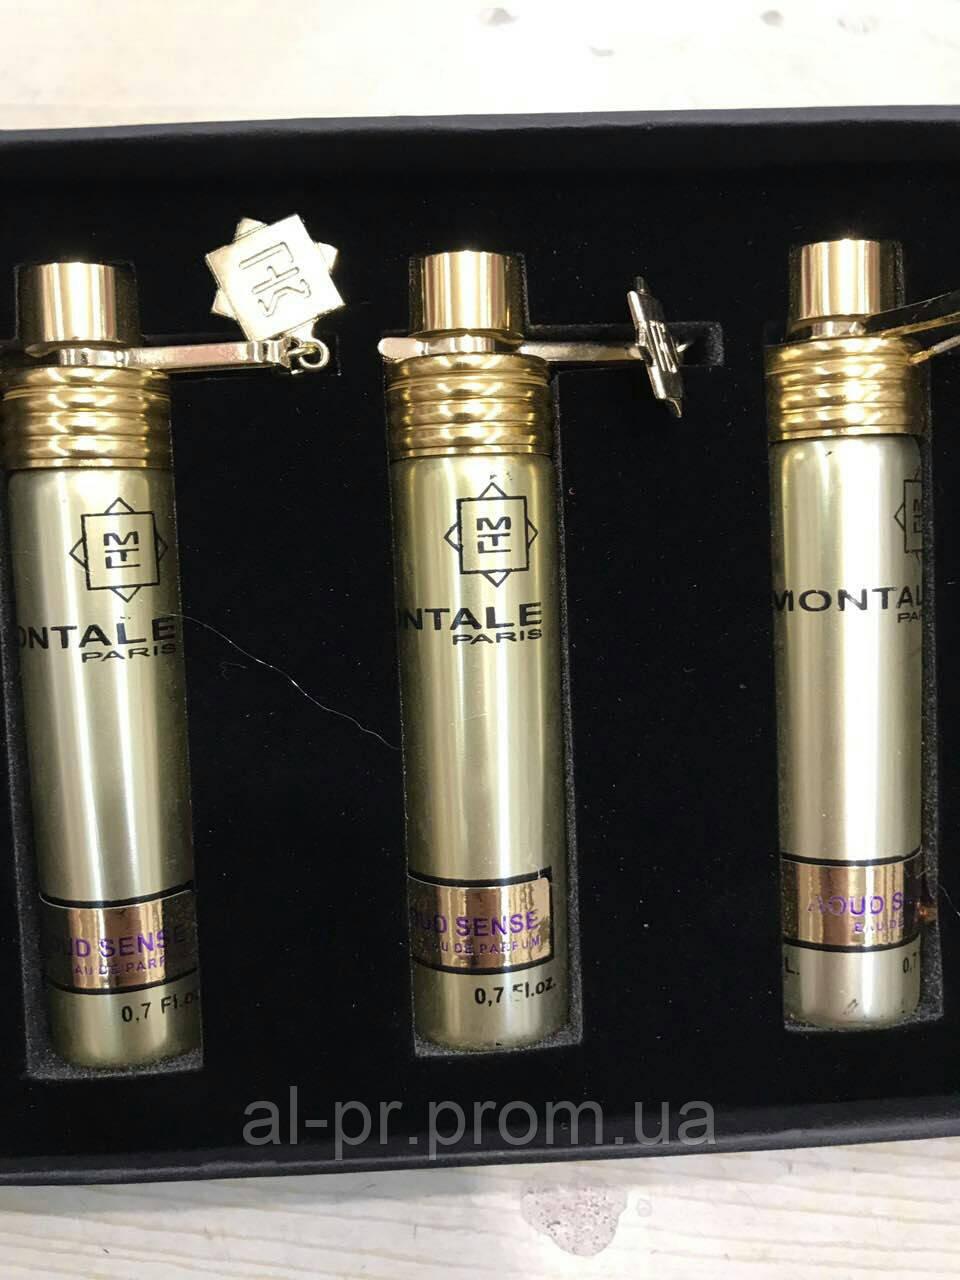 Подарочный набор парфюмерии Montale Aoud Sense